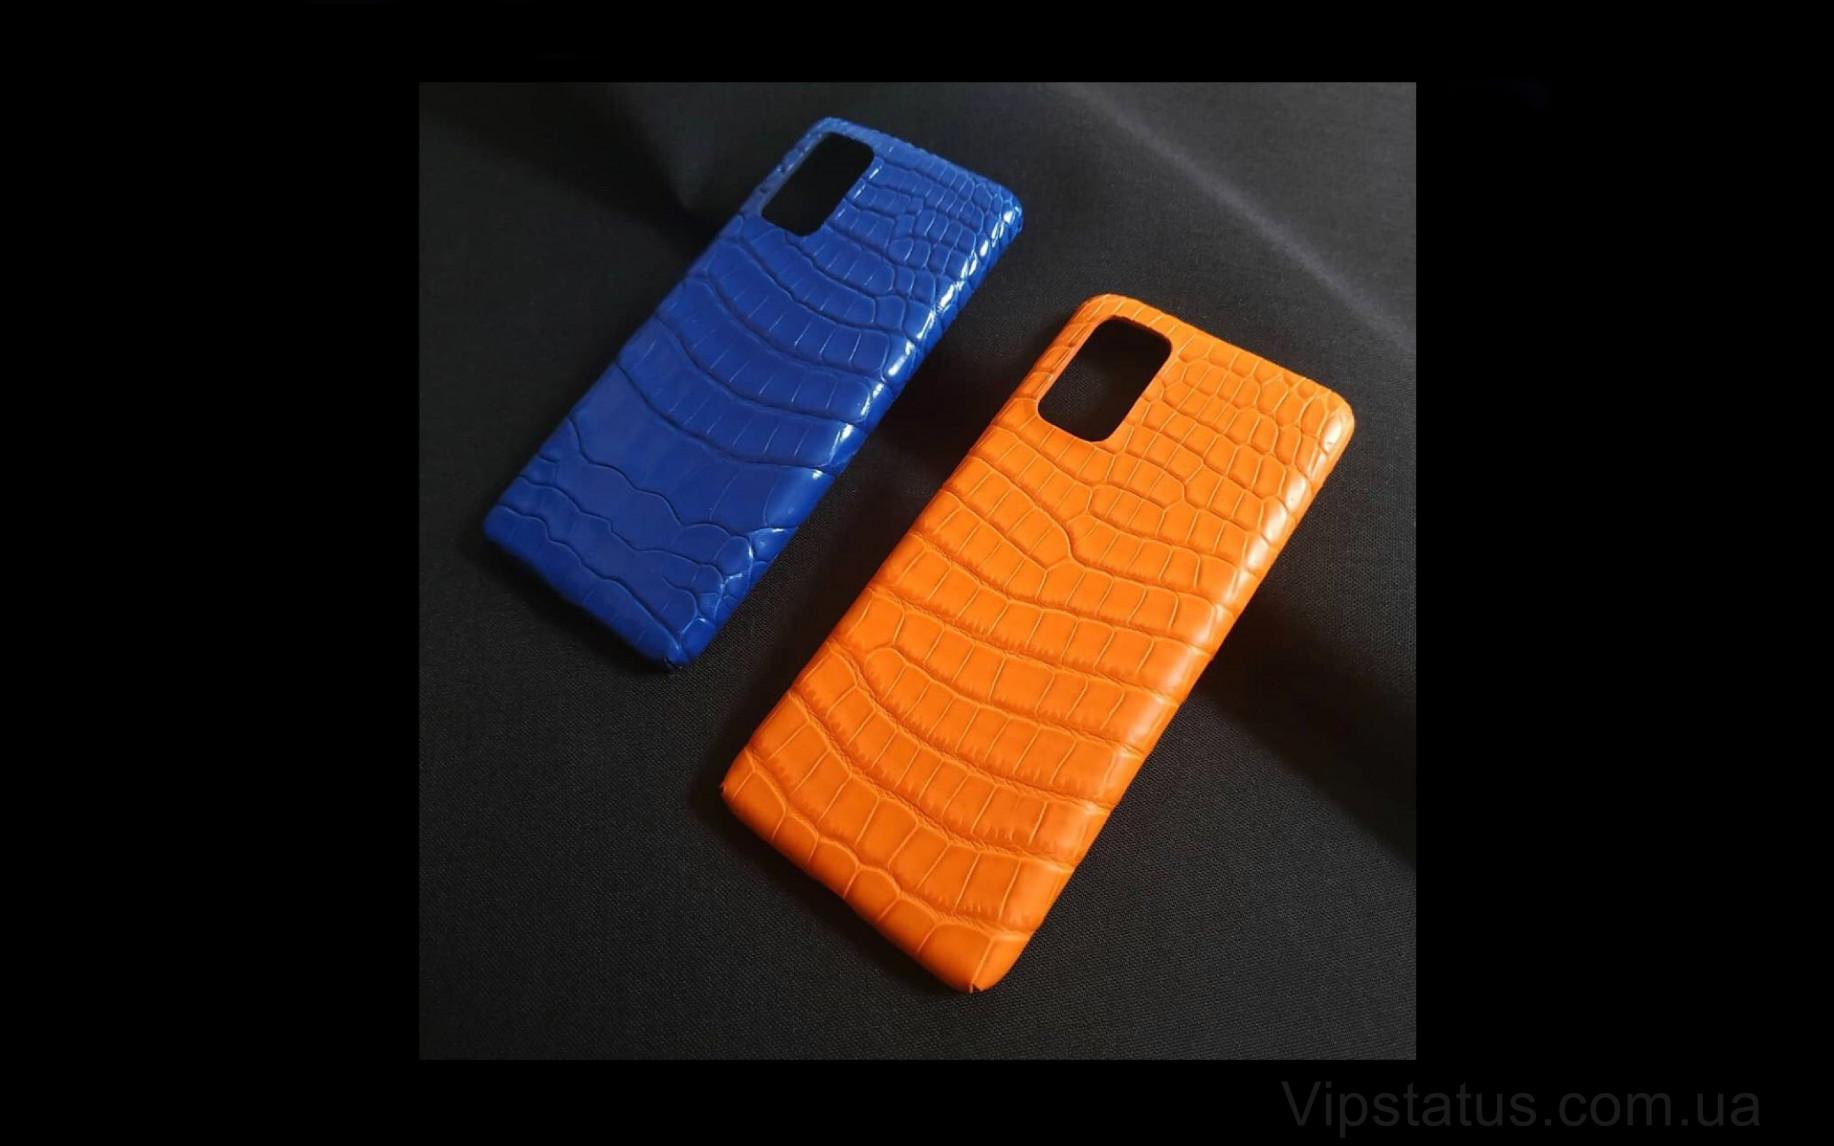 Elite Orange Crocodile Vip чехол Samsung S20 S21 Plus кожа крокодила Orange Crocodile Vip case Samsung S20 S21 Plus Crocodile leather image 2